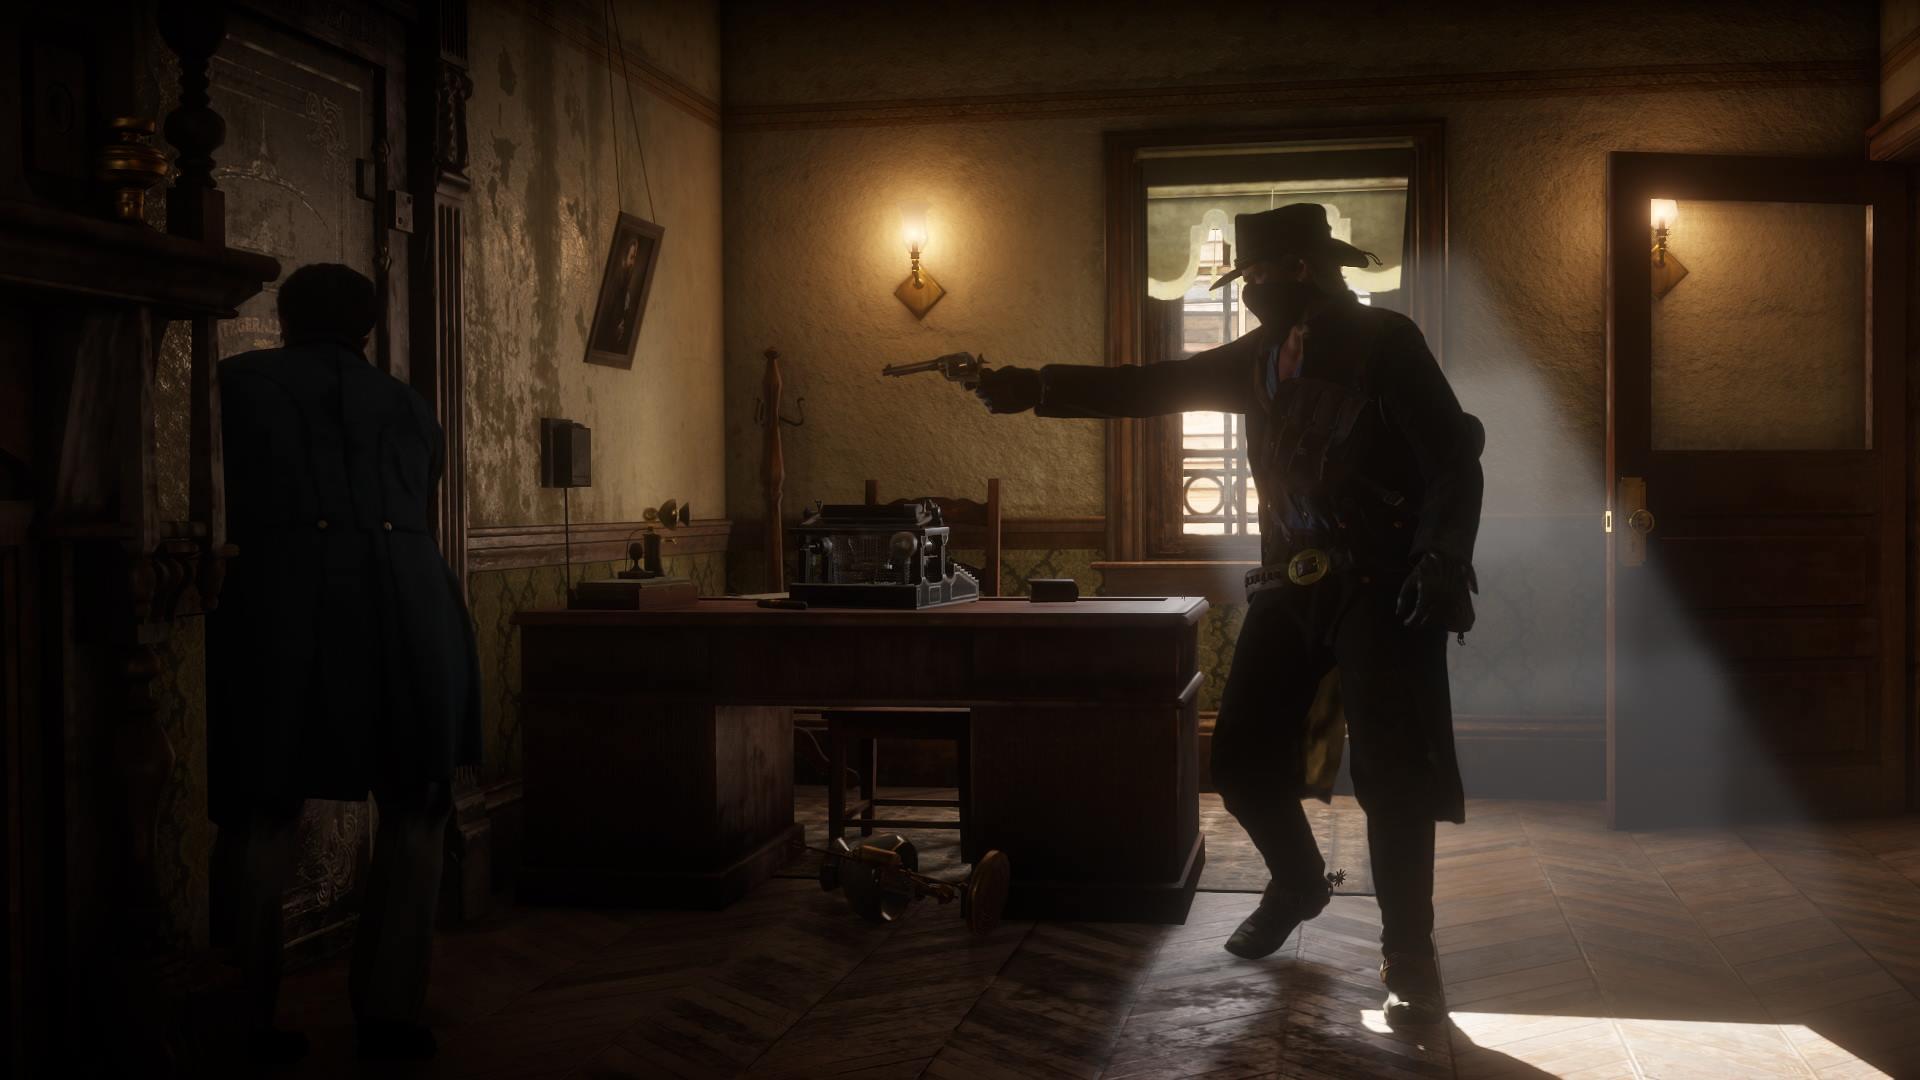 Neue Screenshots zu Red Dead Redemption 2 zeigen Tierwelt, Open World und Charaktere. Bild 8 - Quelle: Rockstar Games